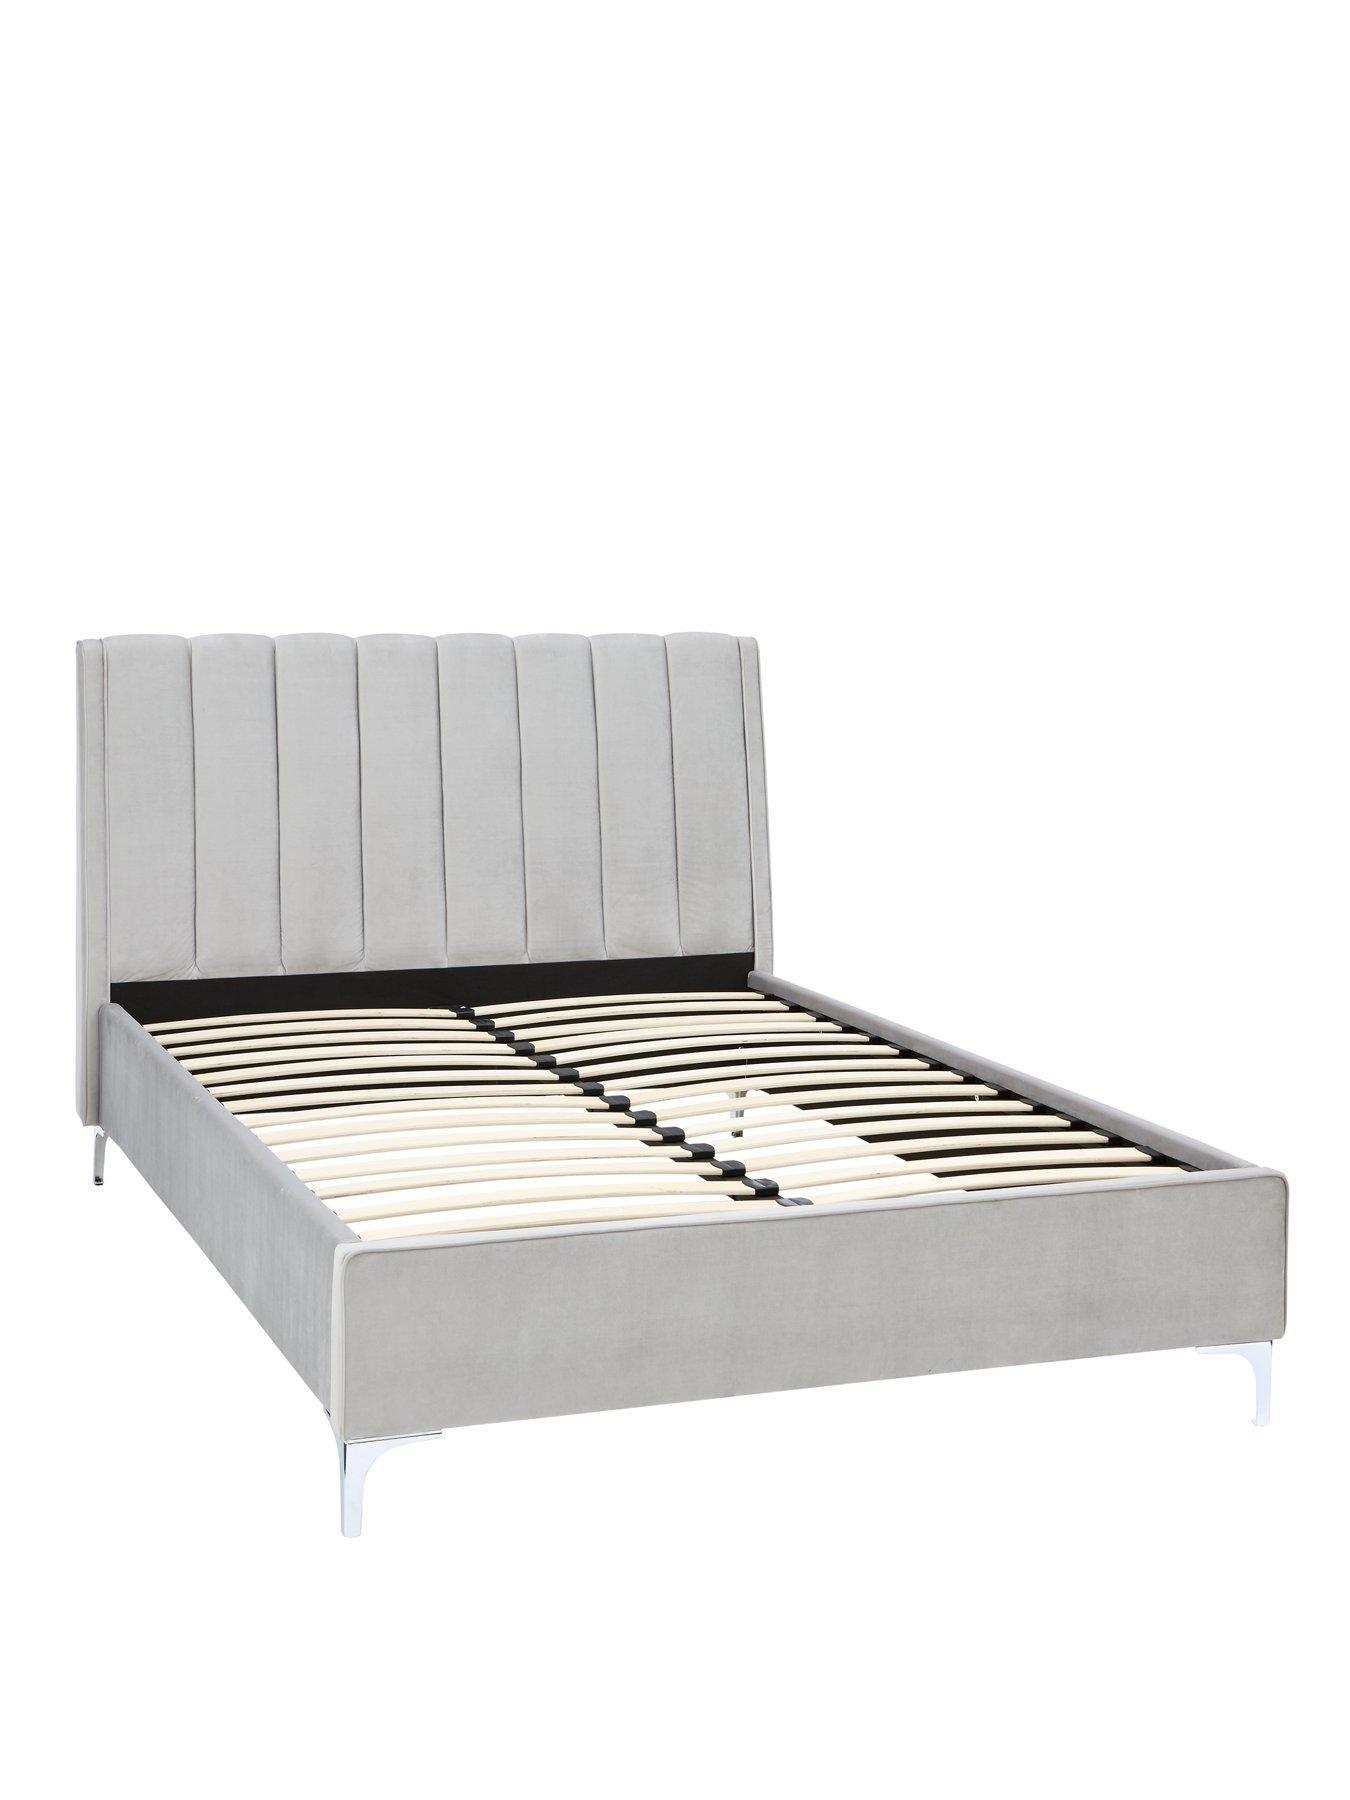 Myleene Klass Home Phoebe Velvet Bed Frame With Mattress Options